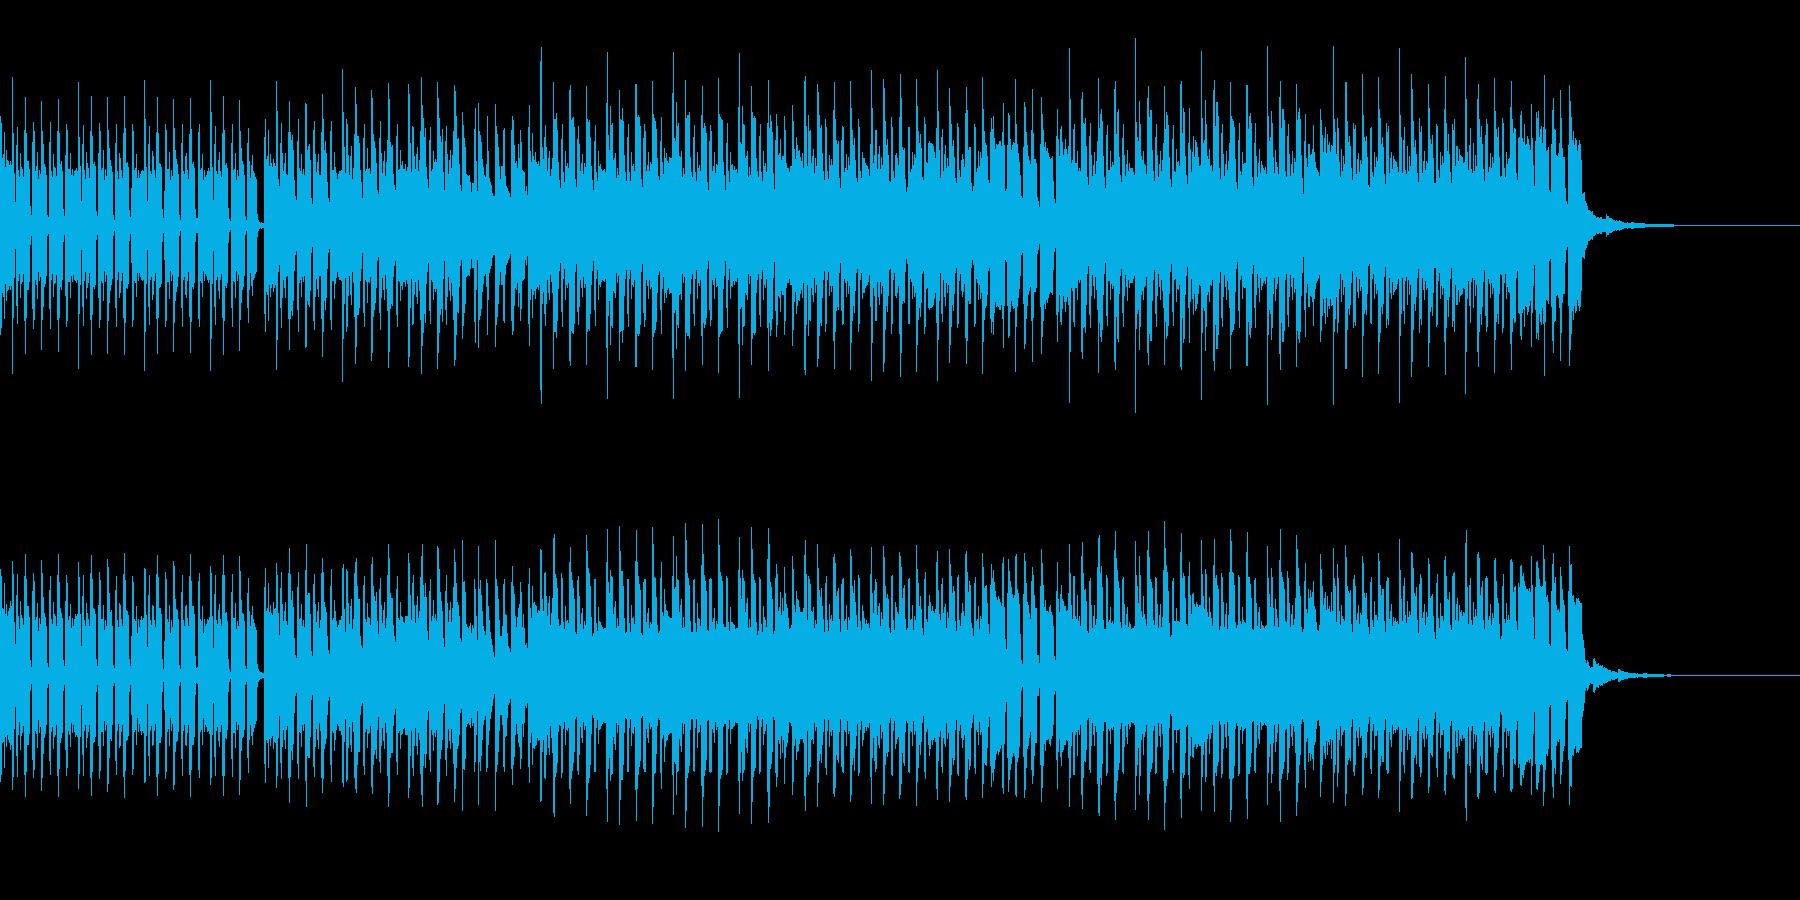 ゆるゆるEDM系ループBGMの再生済みの波形